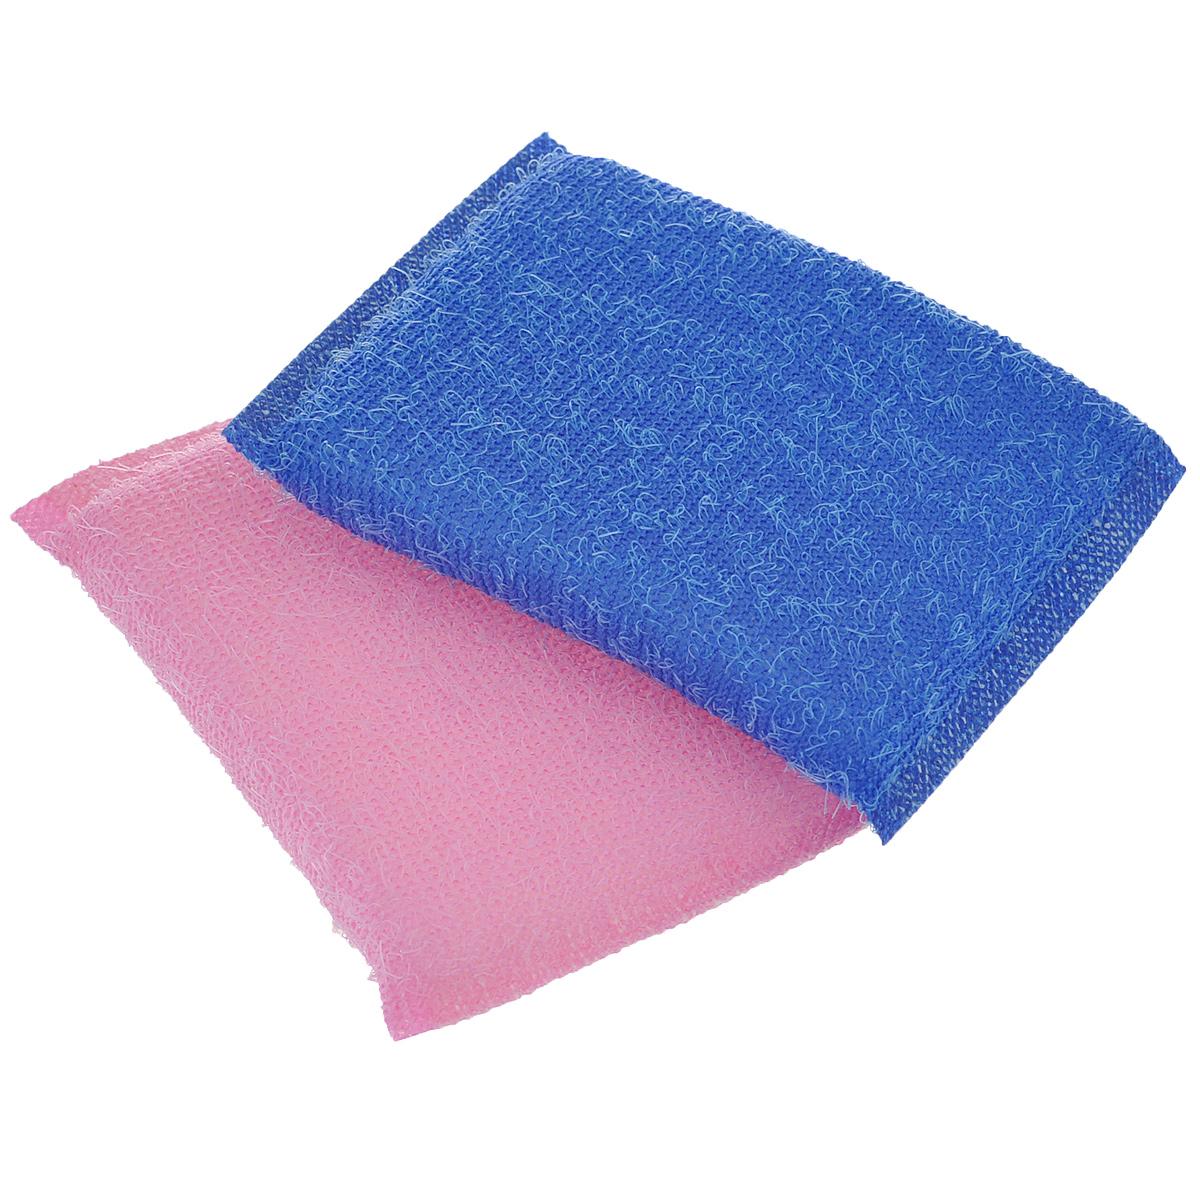 Губка для мытья посуды Хозяюшка Мила Кактус, цвет: розовый, синий, 2 шт01008-100Набор Хозяюшка Мила Кактус состоит из 2 губок, изготовленных из поролона. Они предназначены для интенсивной чистки и удаления сильных загрязнений с посуды (противни, решетки-гриль, кастрюли).Не рекомендуется использовать для посуды с антипригарным покрытием. Губки сохраняют чистоту и свежесть даже после многократного применения, а их эргономичная форма удобна для руки.Размер губки: 12 х 2 х 8 см.